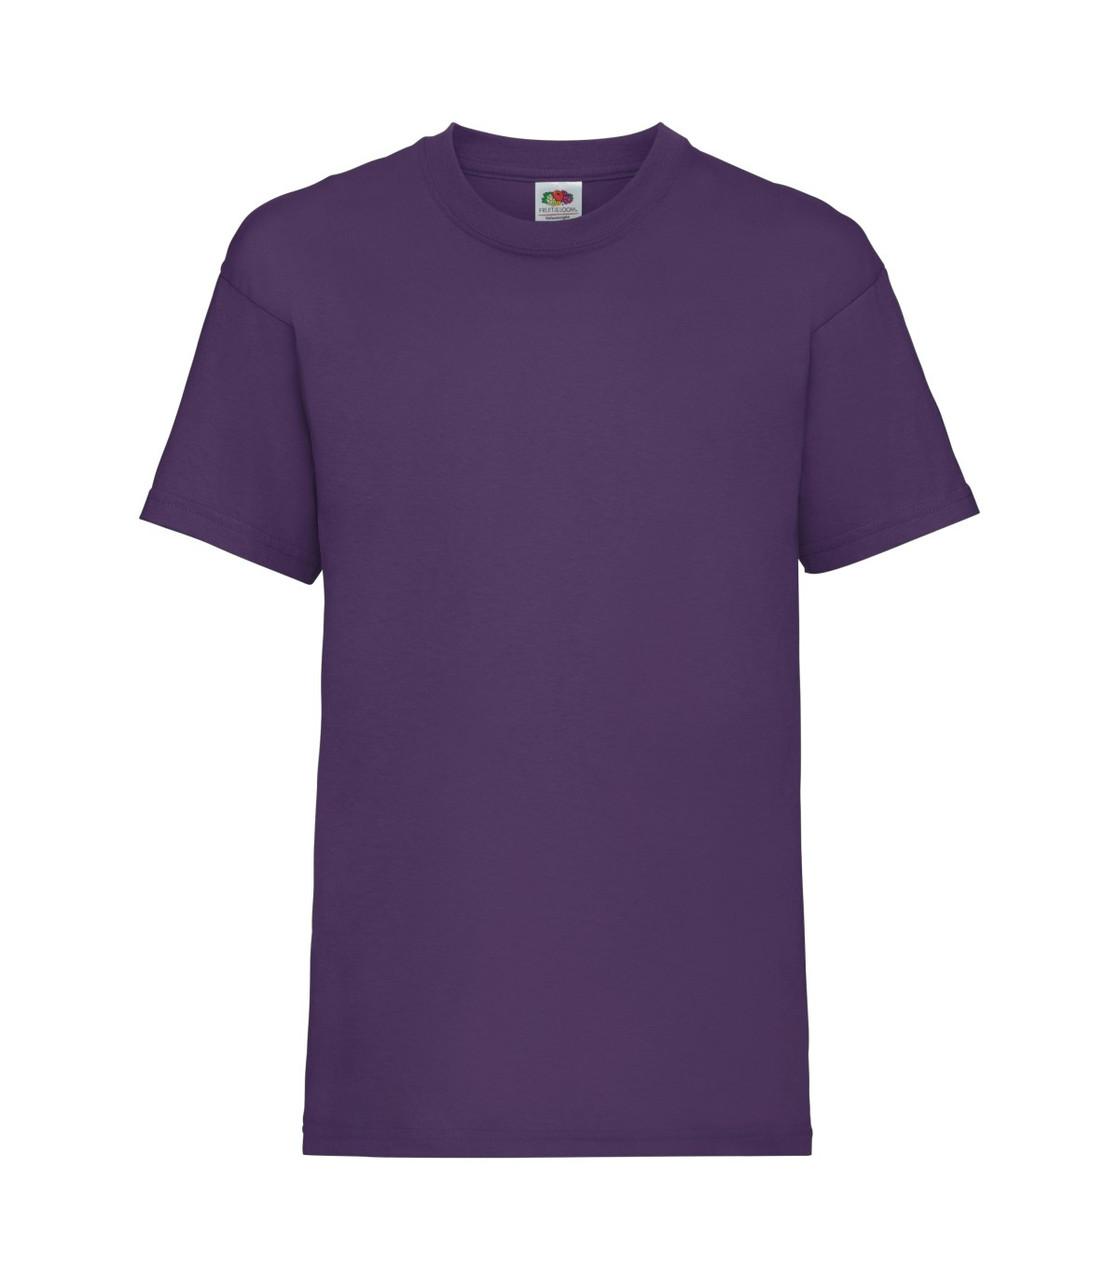 Футболка для мальчиков однотонная фиолетовая 033-PE